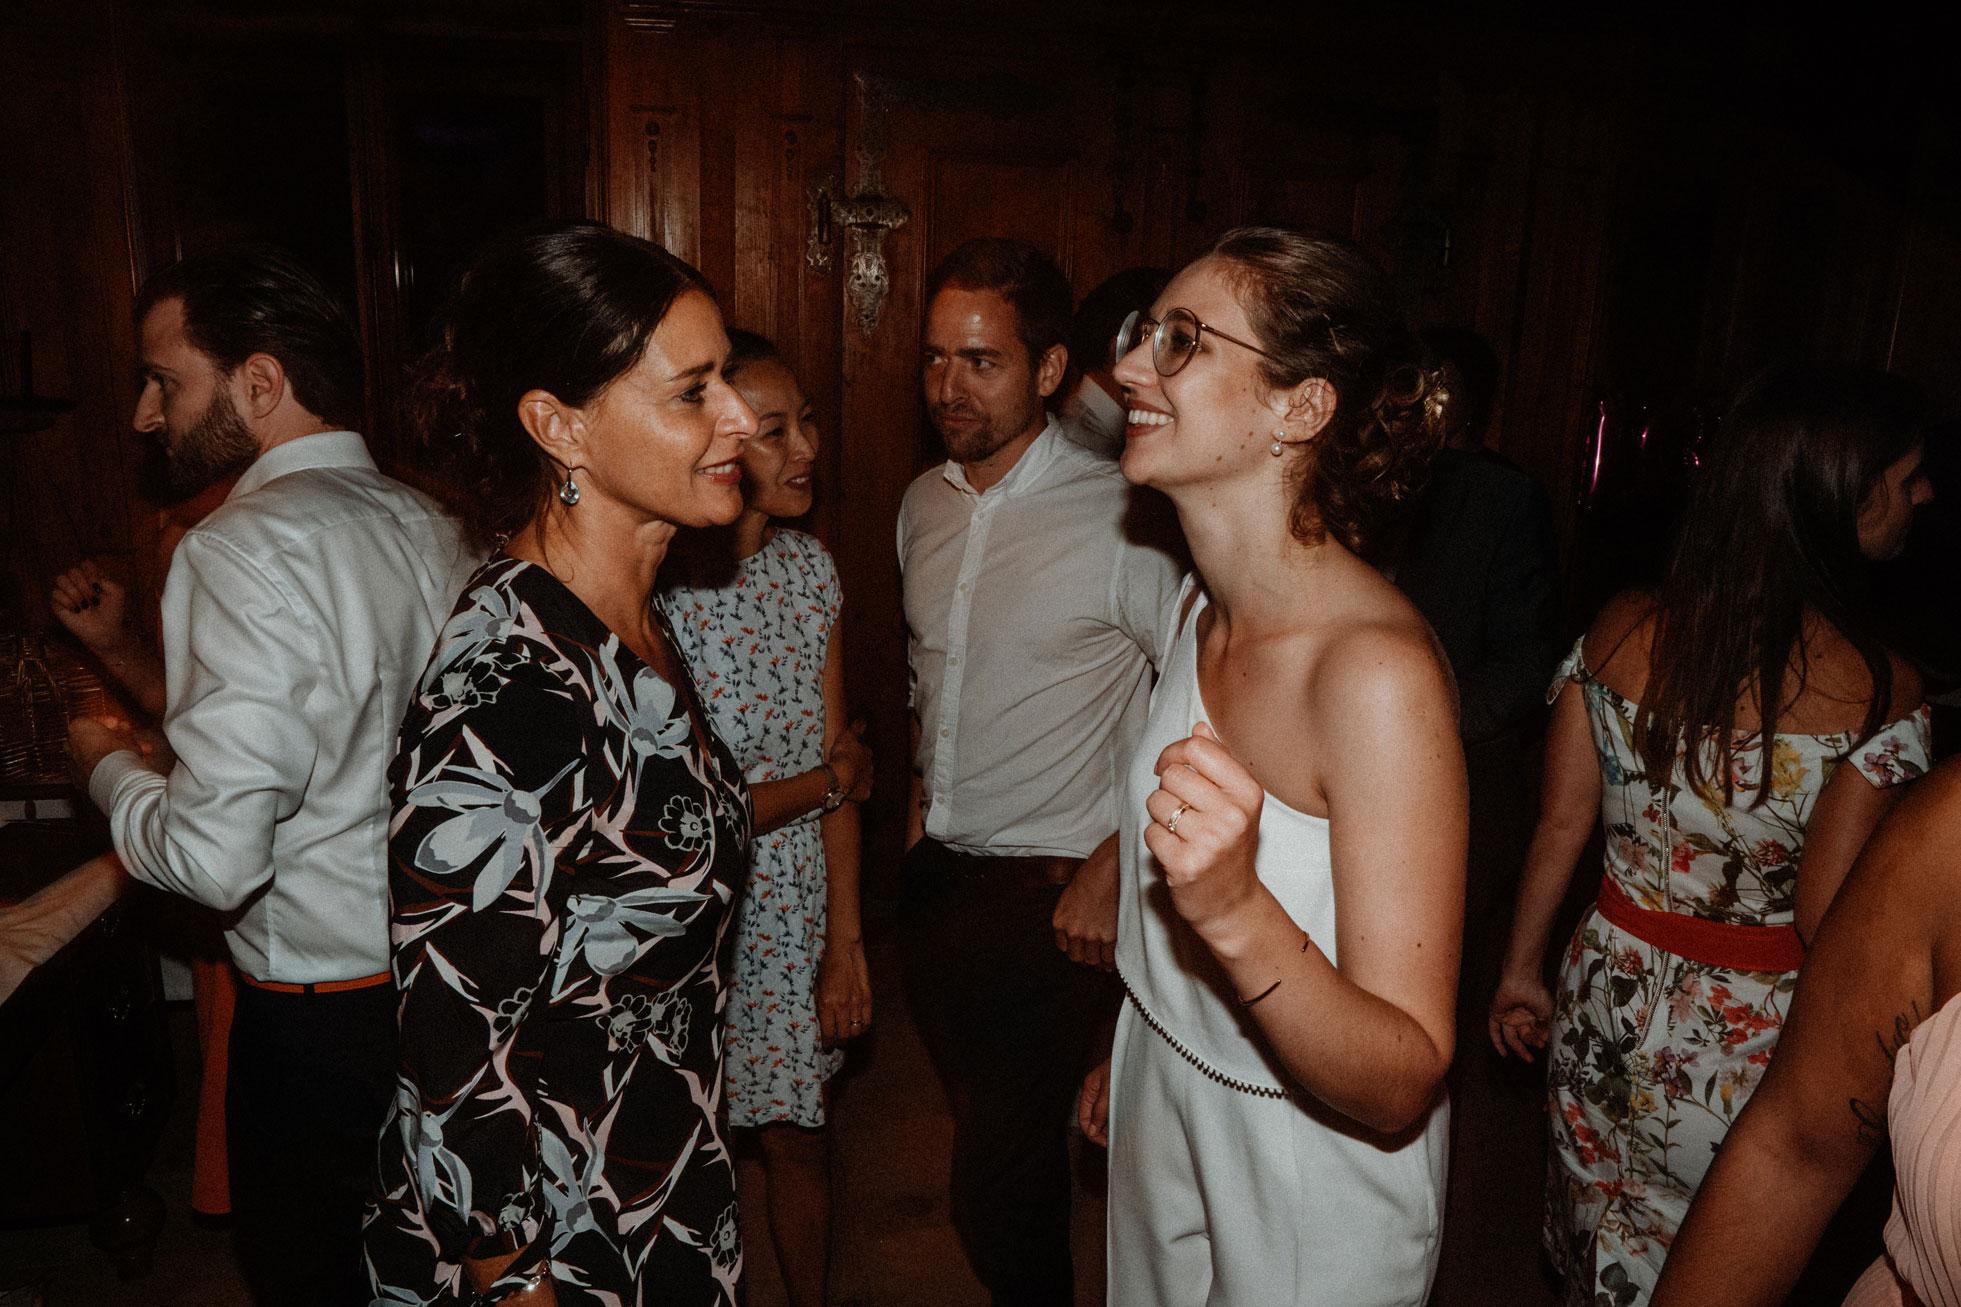 Hochzeit_Claire_Manuel_Villa_Maund_Daniel_Jenny-639.jpg